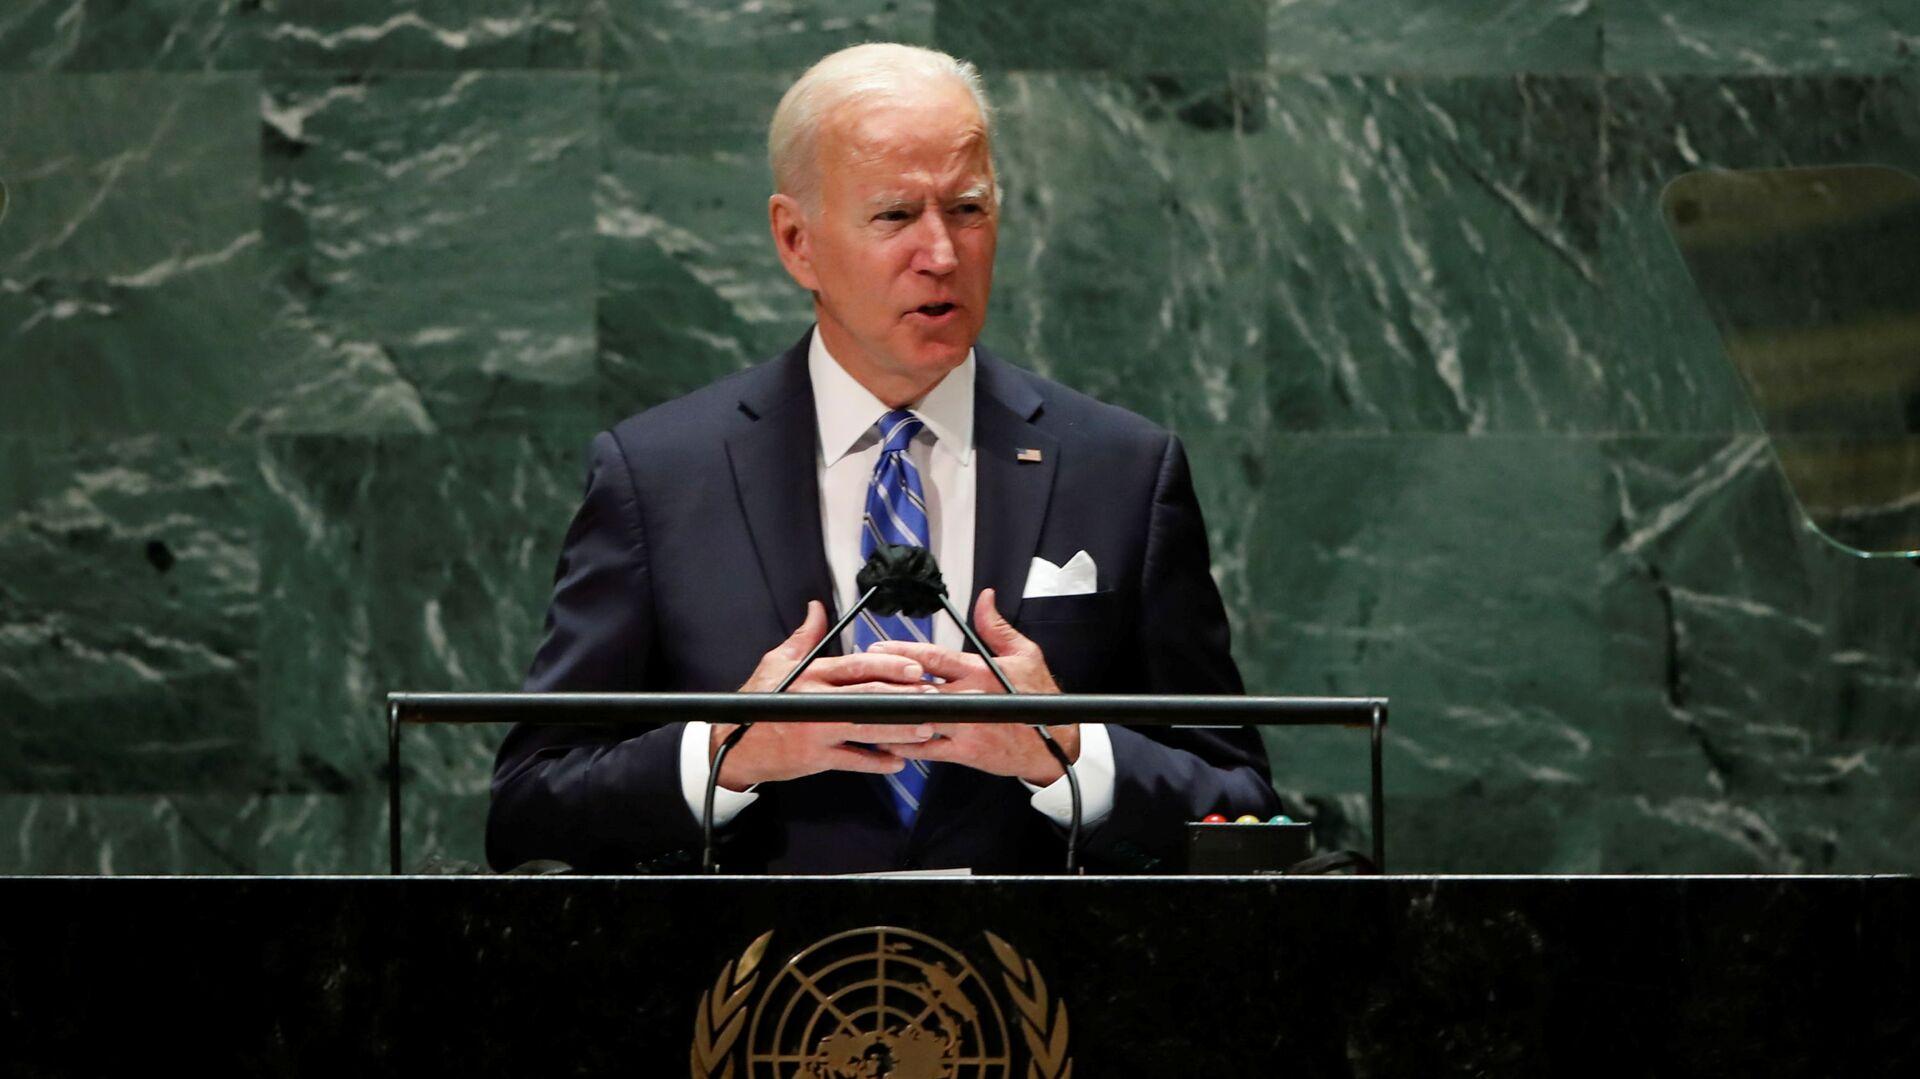 Americký prezident Joe Biden vystoupí na 76. zasedání Valného shromáždění OSN v New Yorku - Sputnik Česká republika, 1920, 21.09.2021